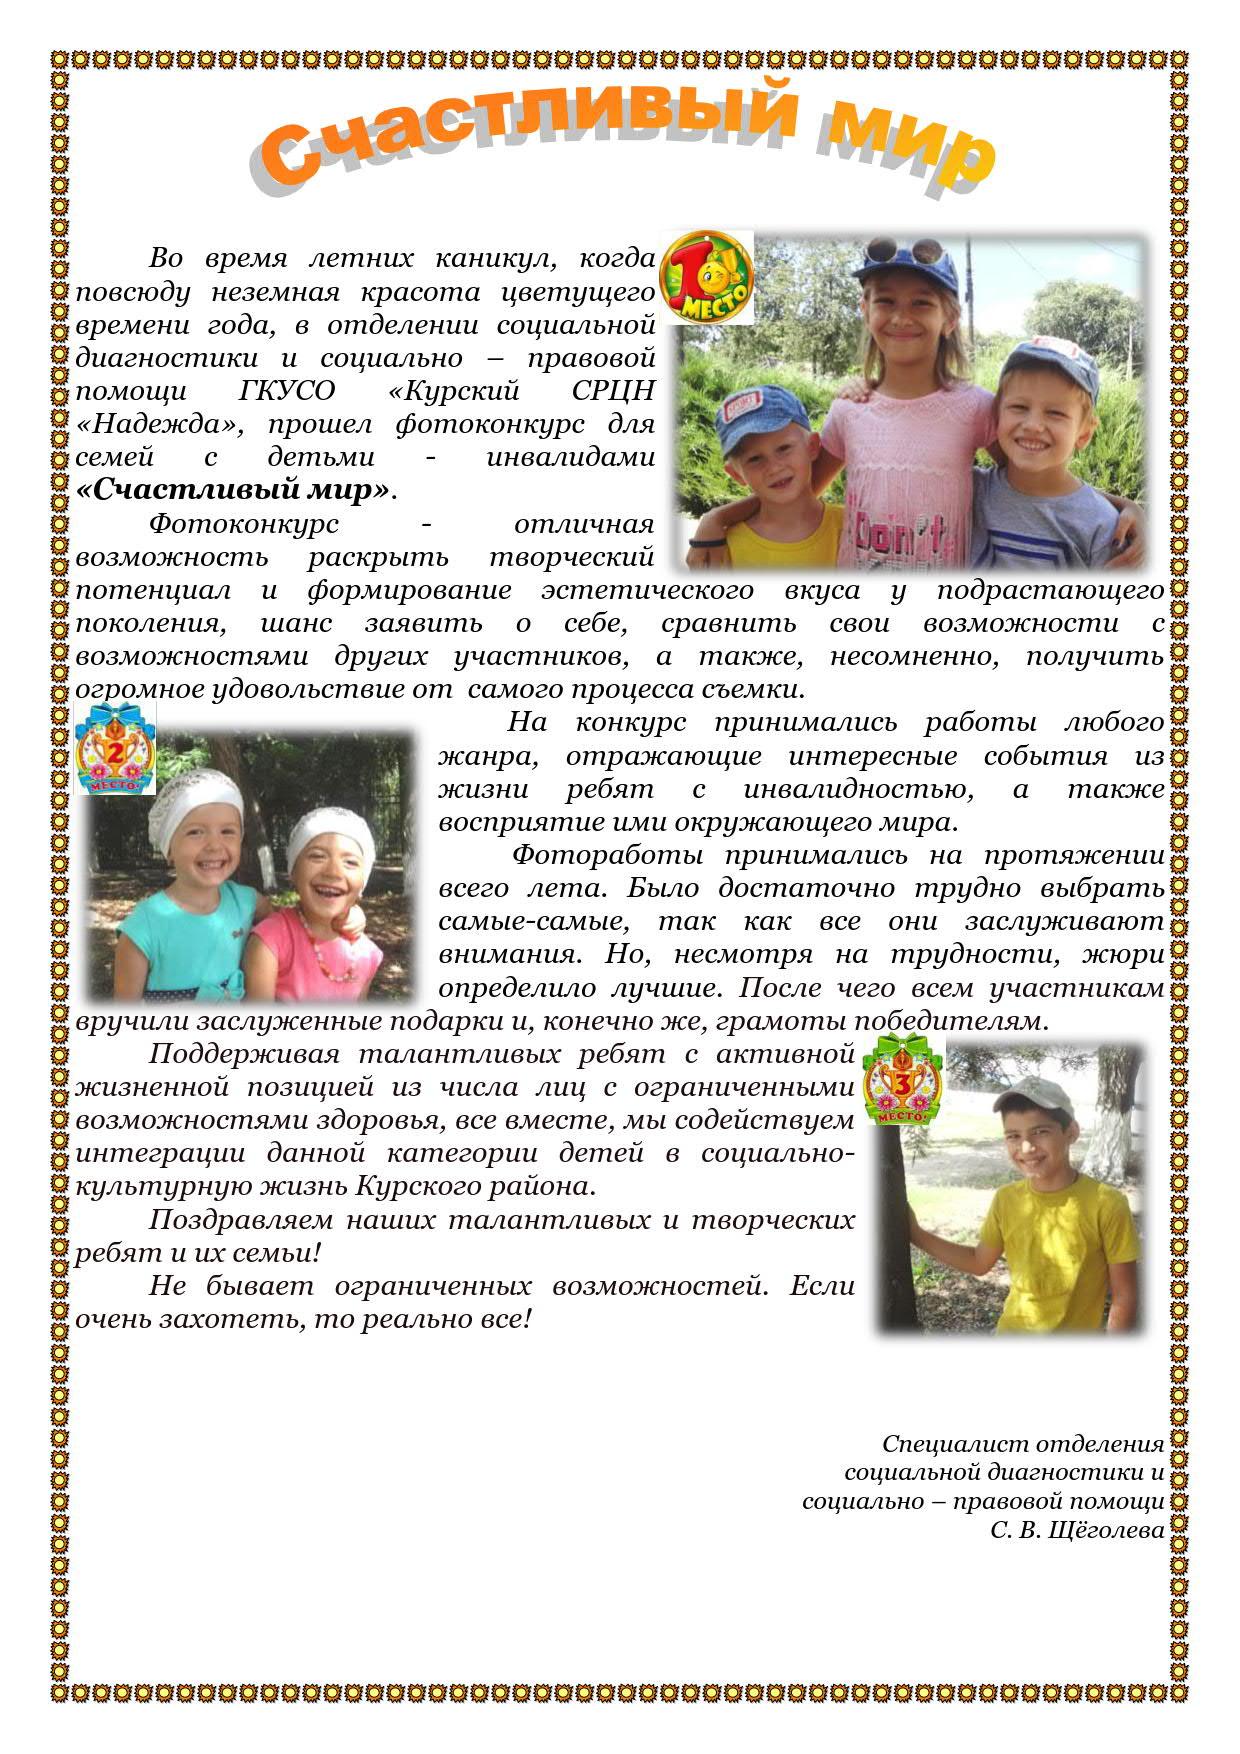 статья Счастливый мир_1